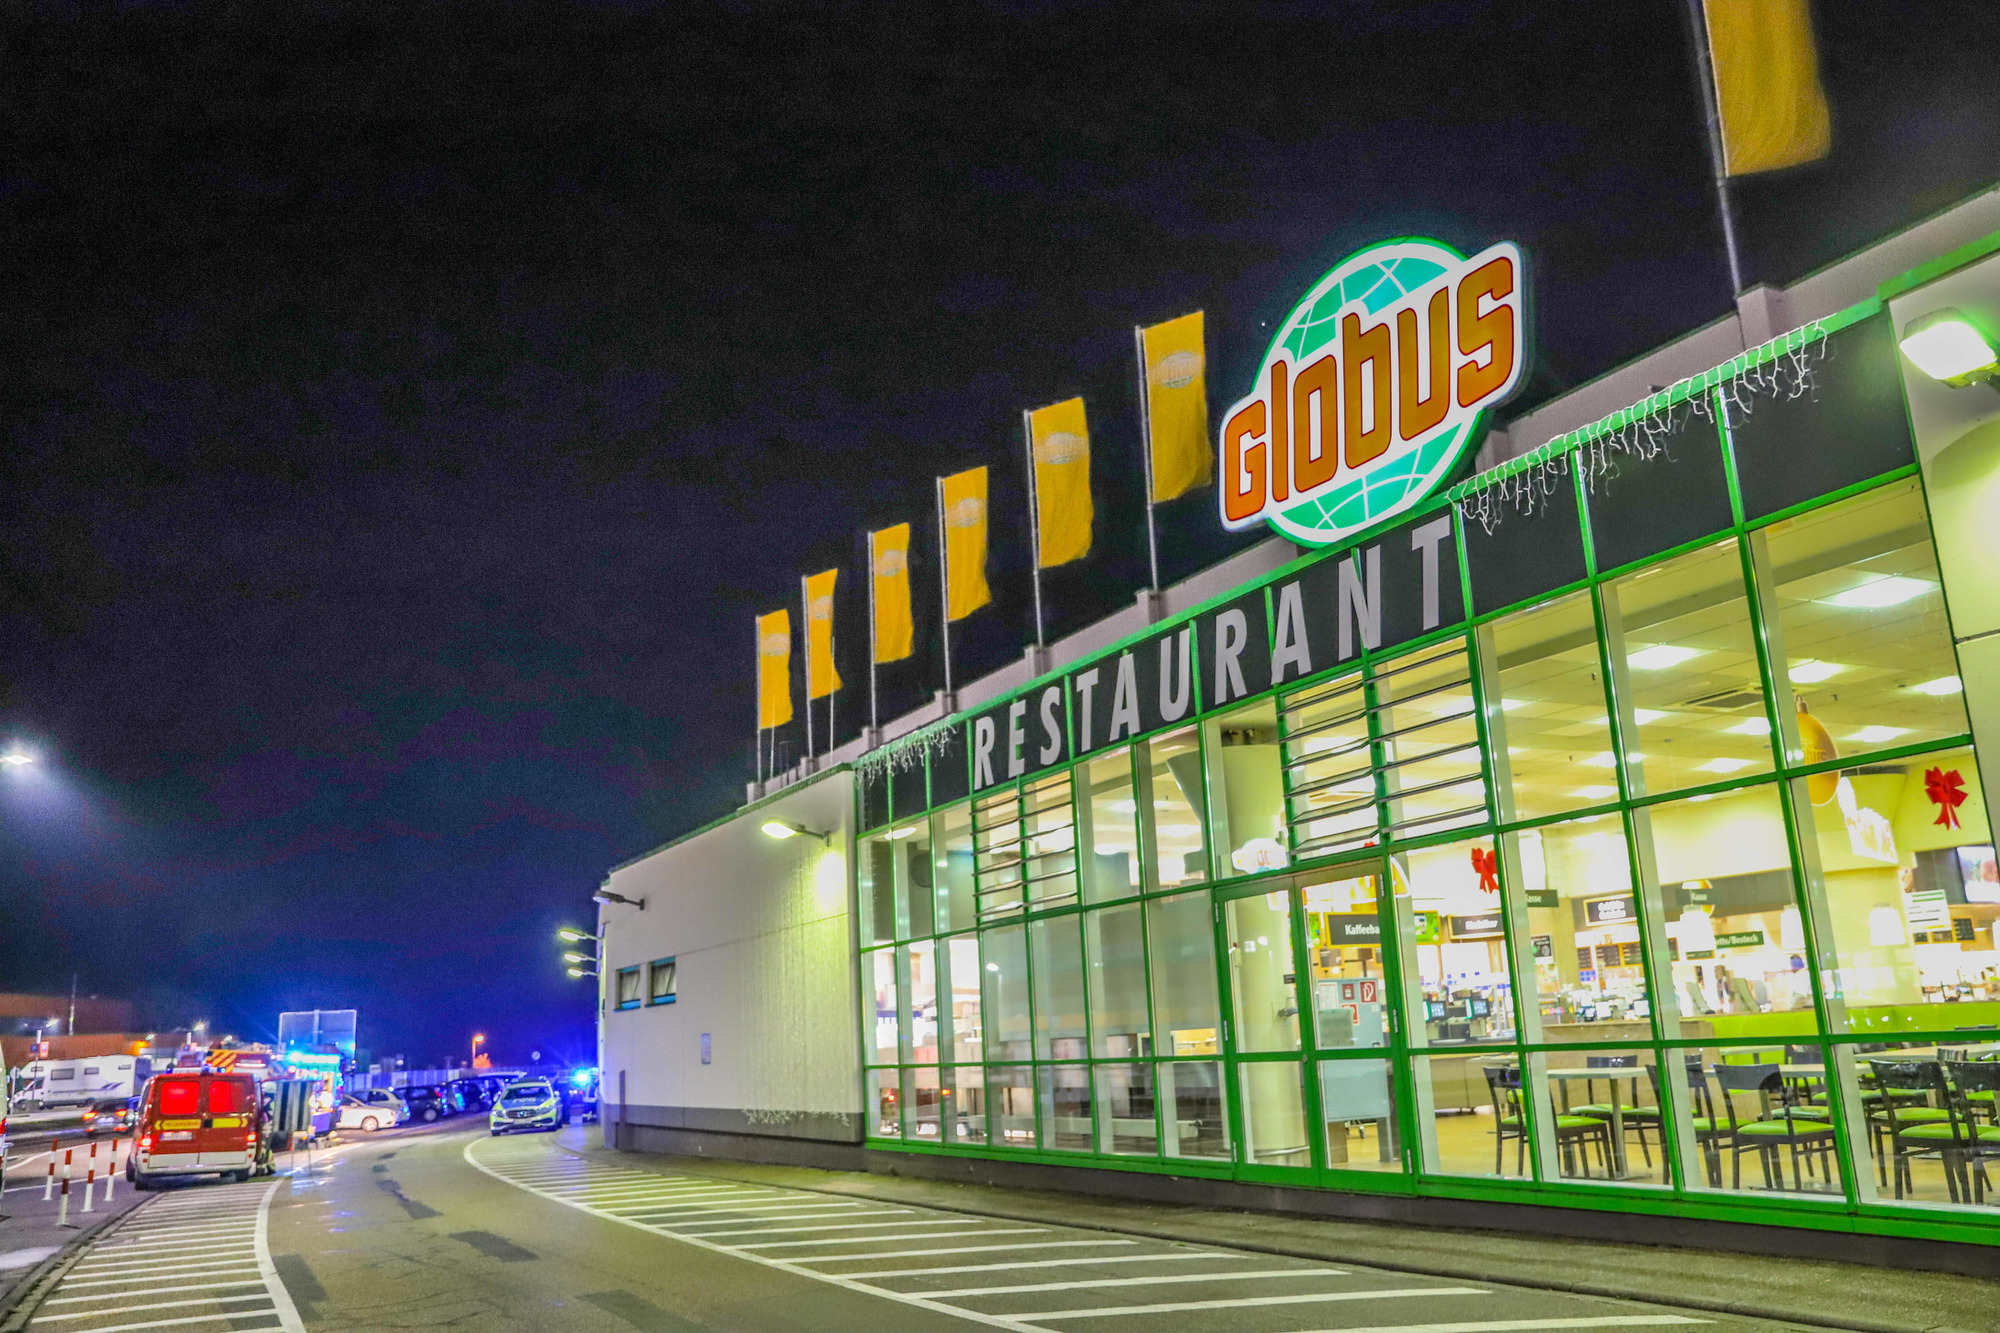 Globus Karlsruhe